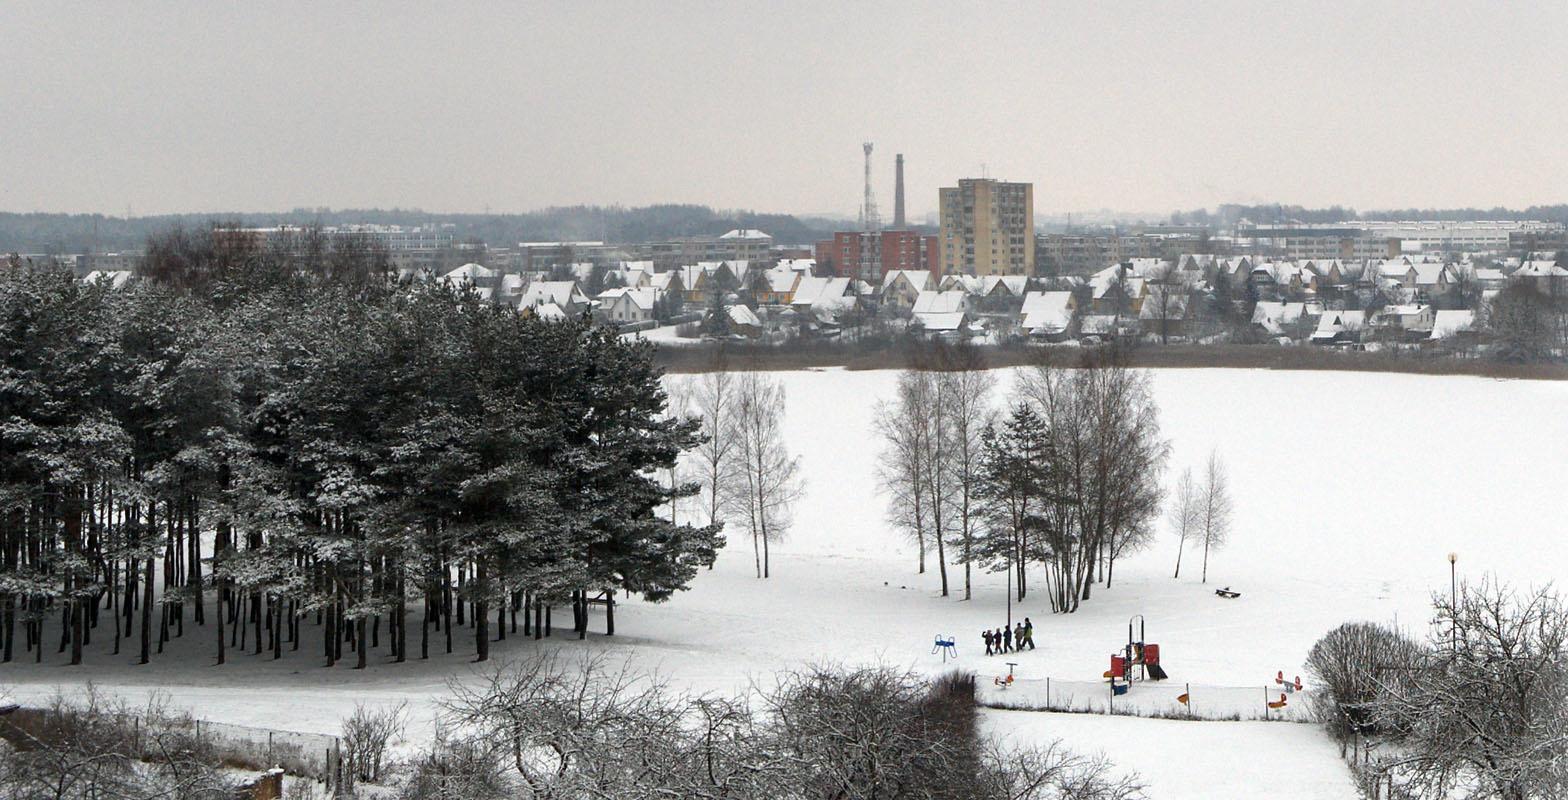 Išankstiniais Statistikos departamento duomenimis, Kaune pernai gyventojų skaičius sumažėjo 1600